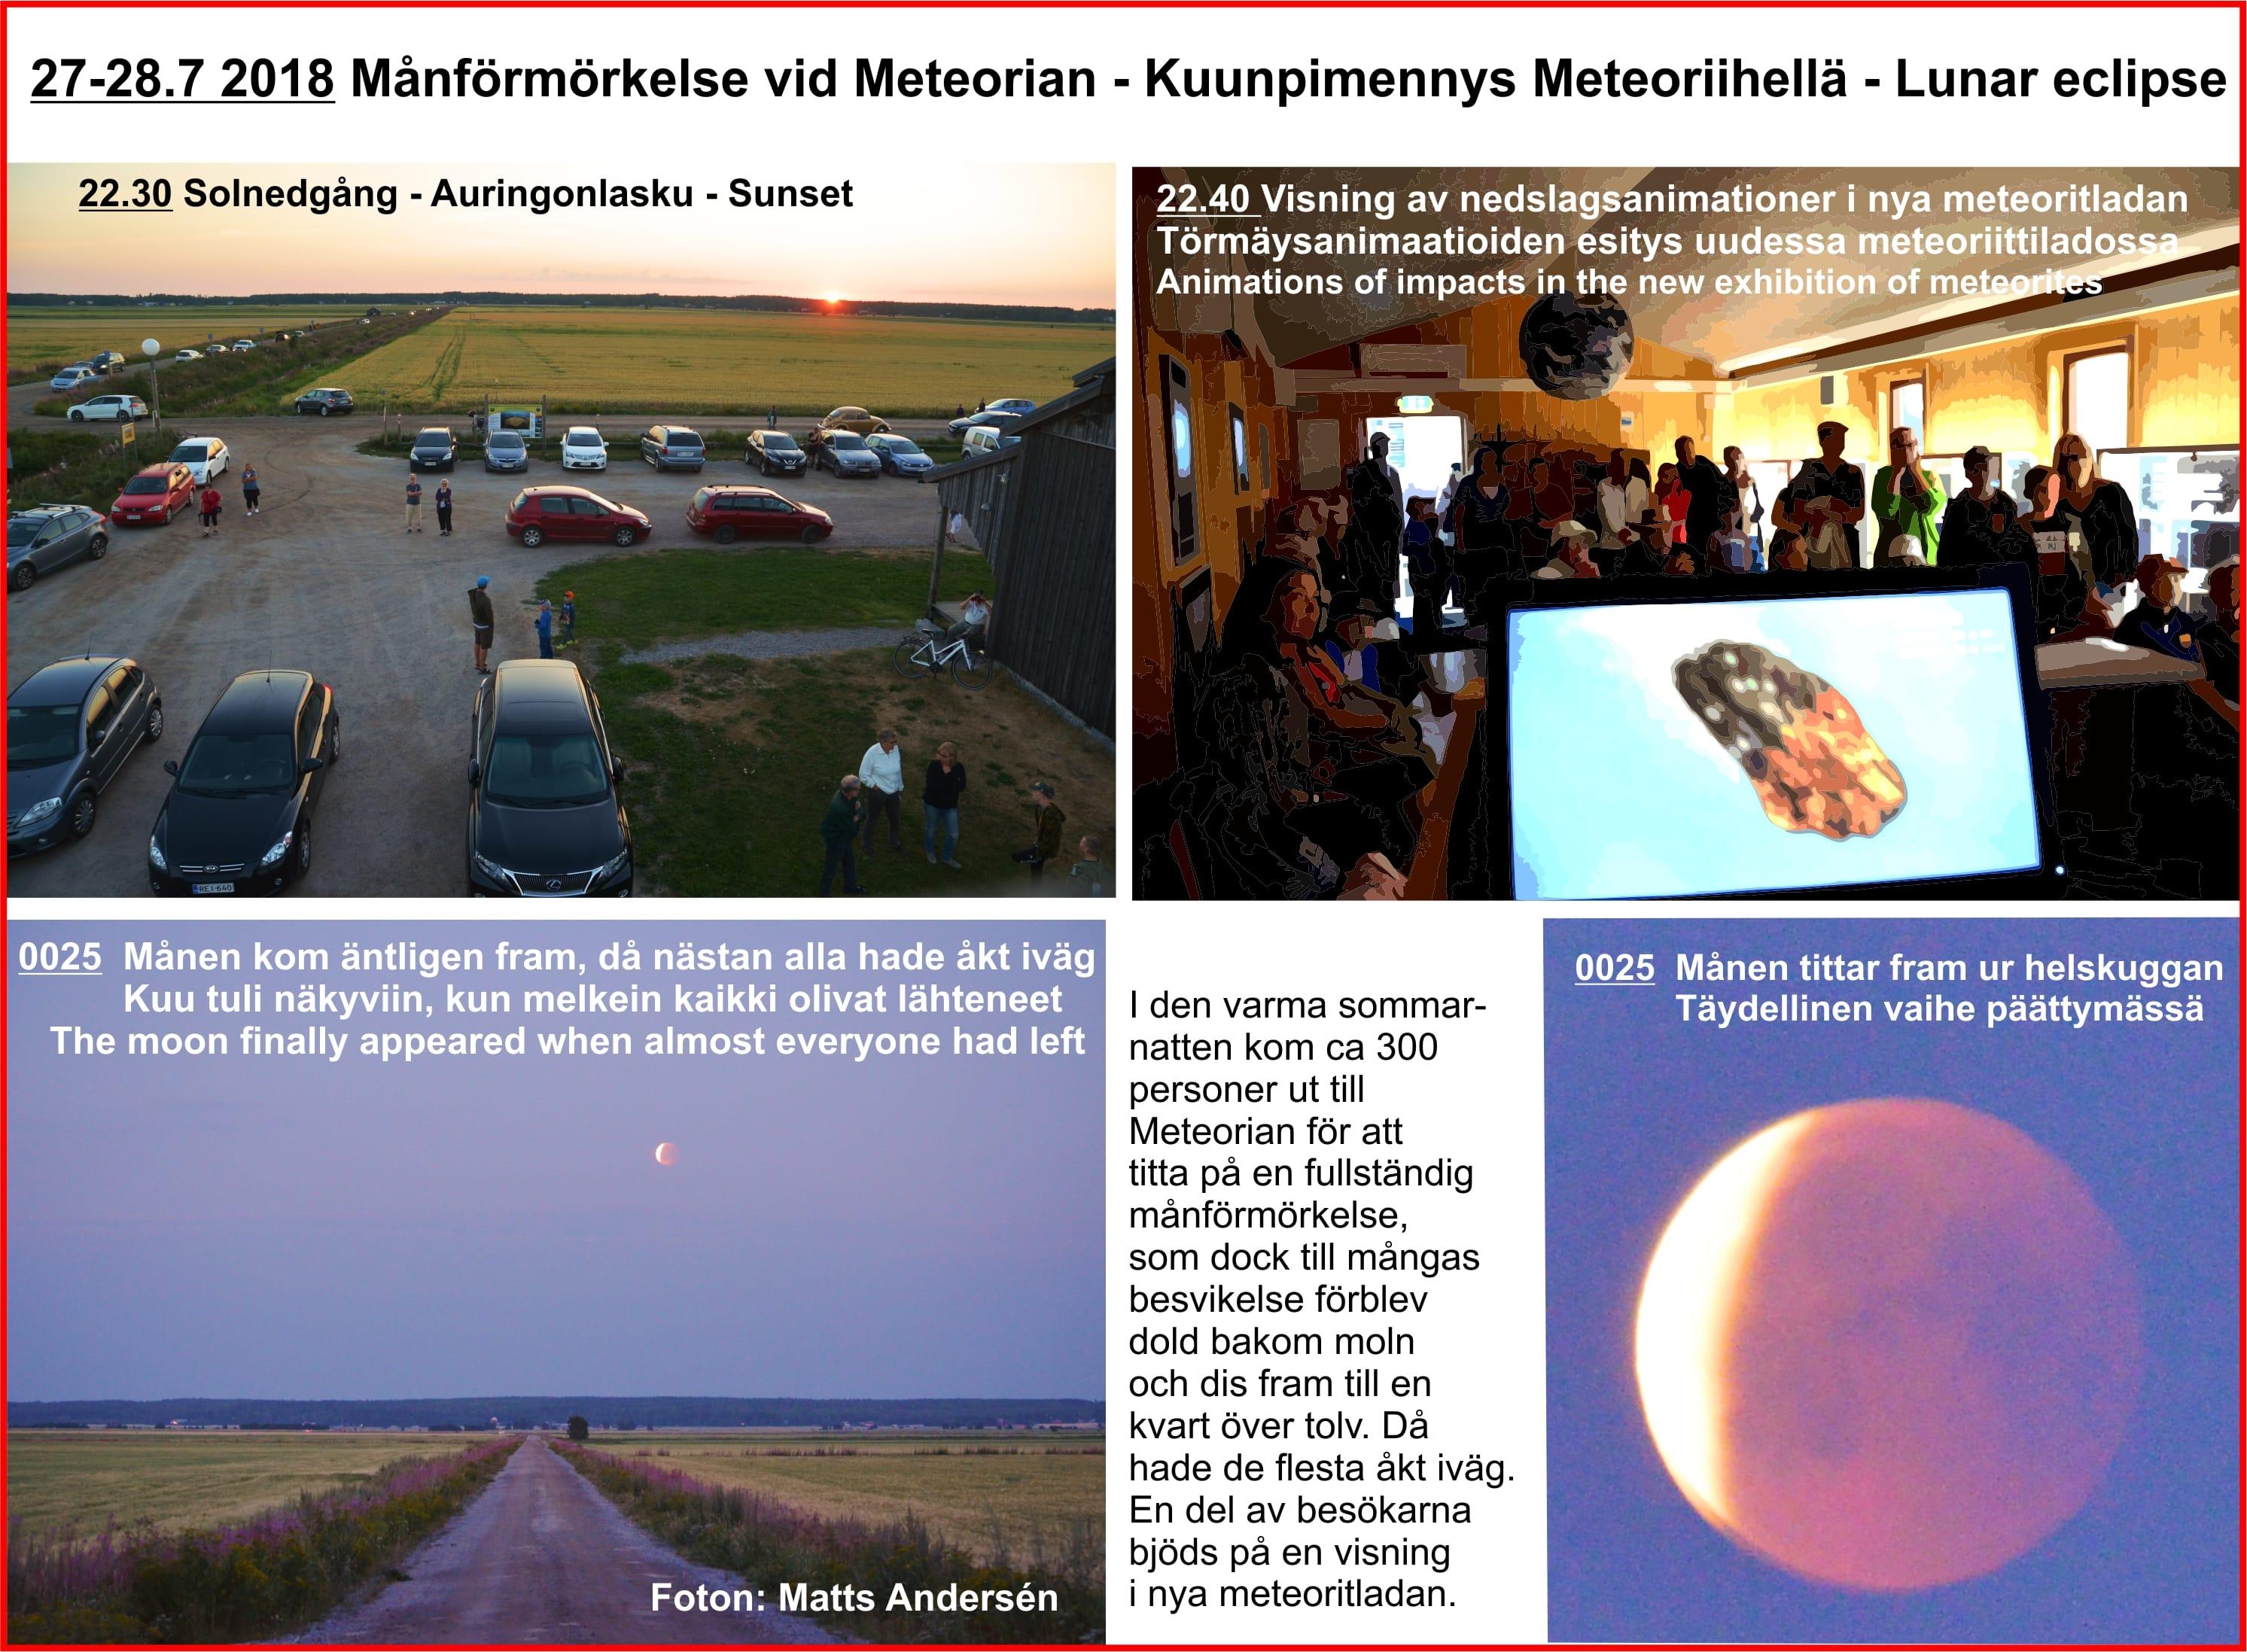 Lunar Eclipse 27-28.7 -18  4 images.jpg